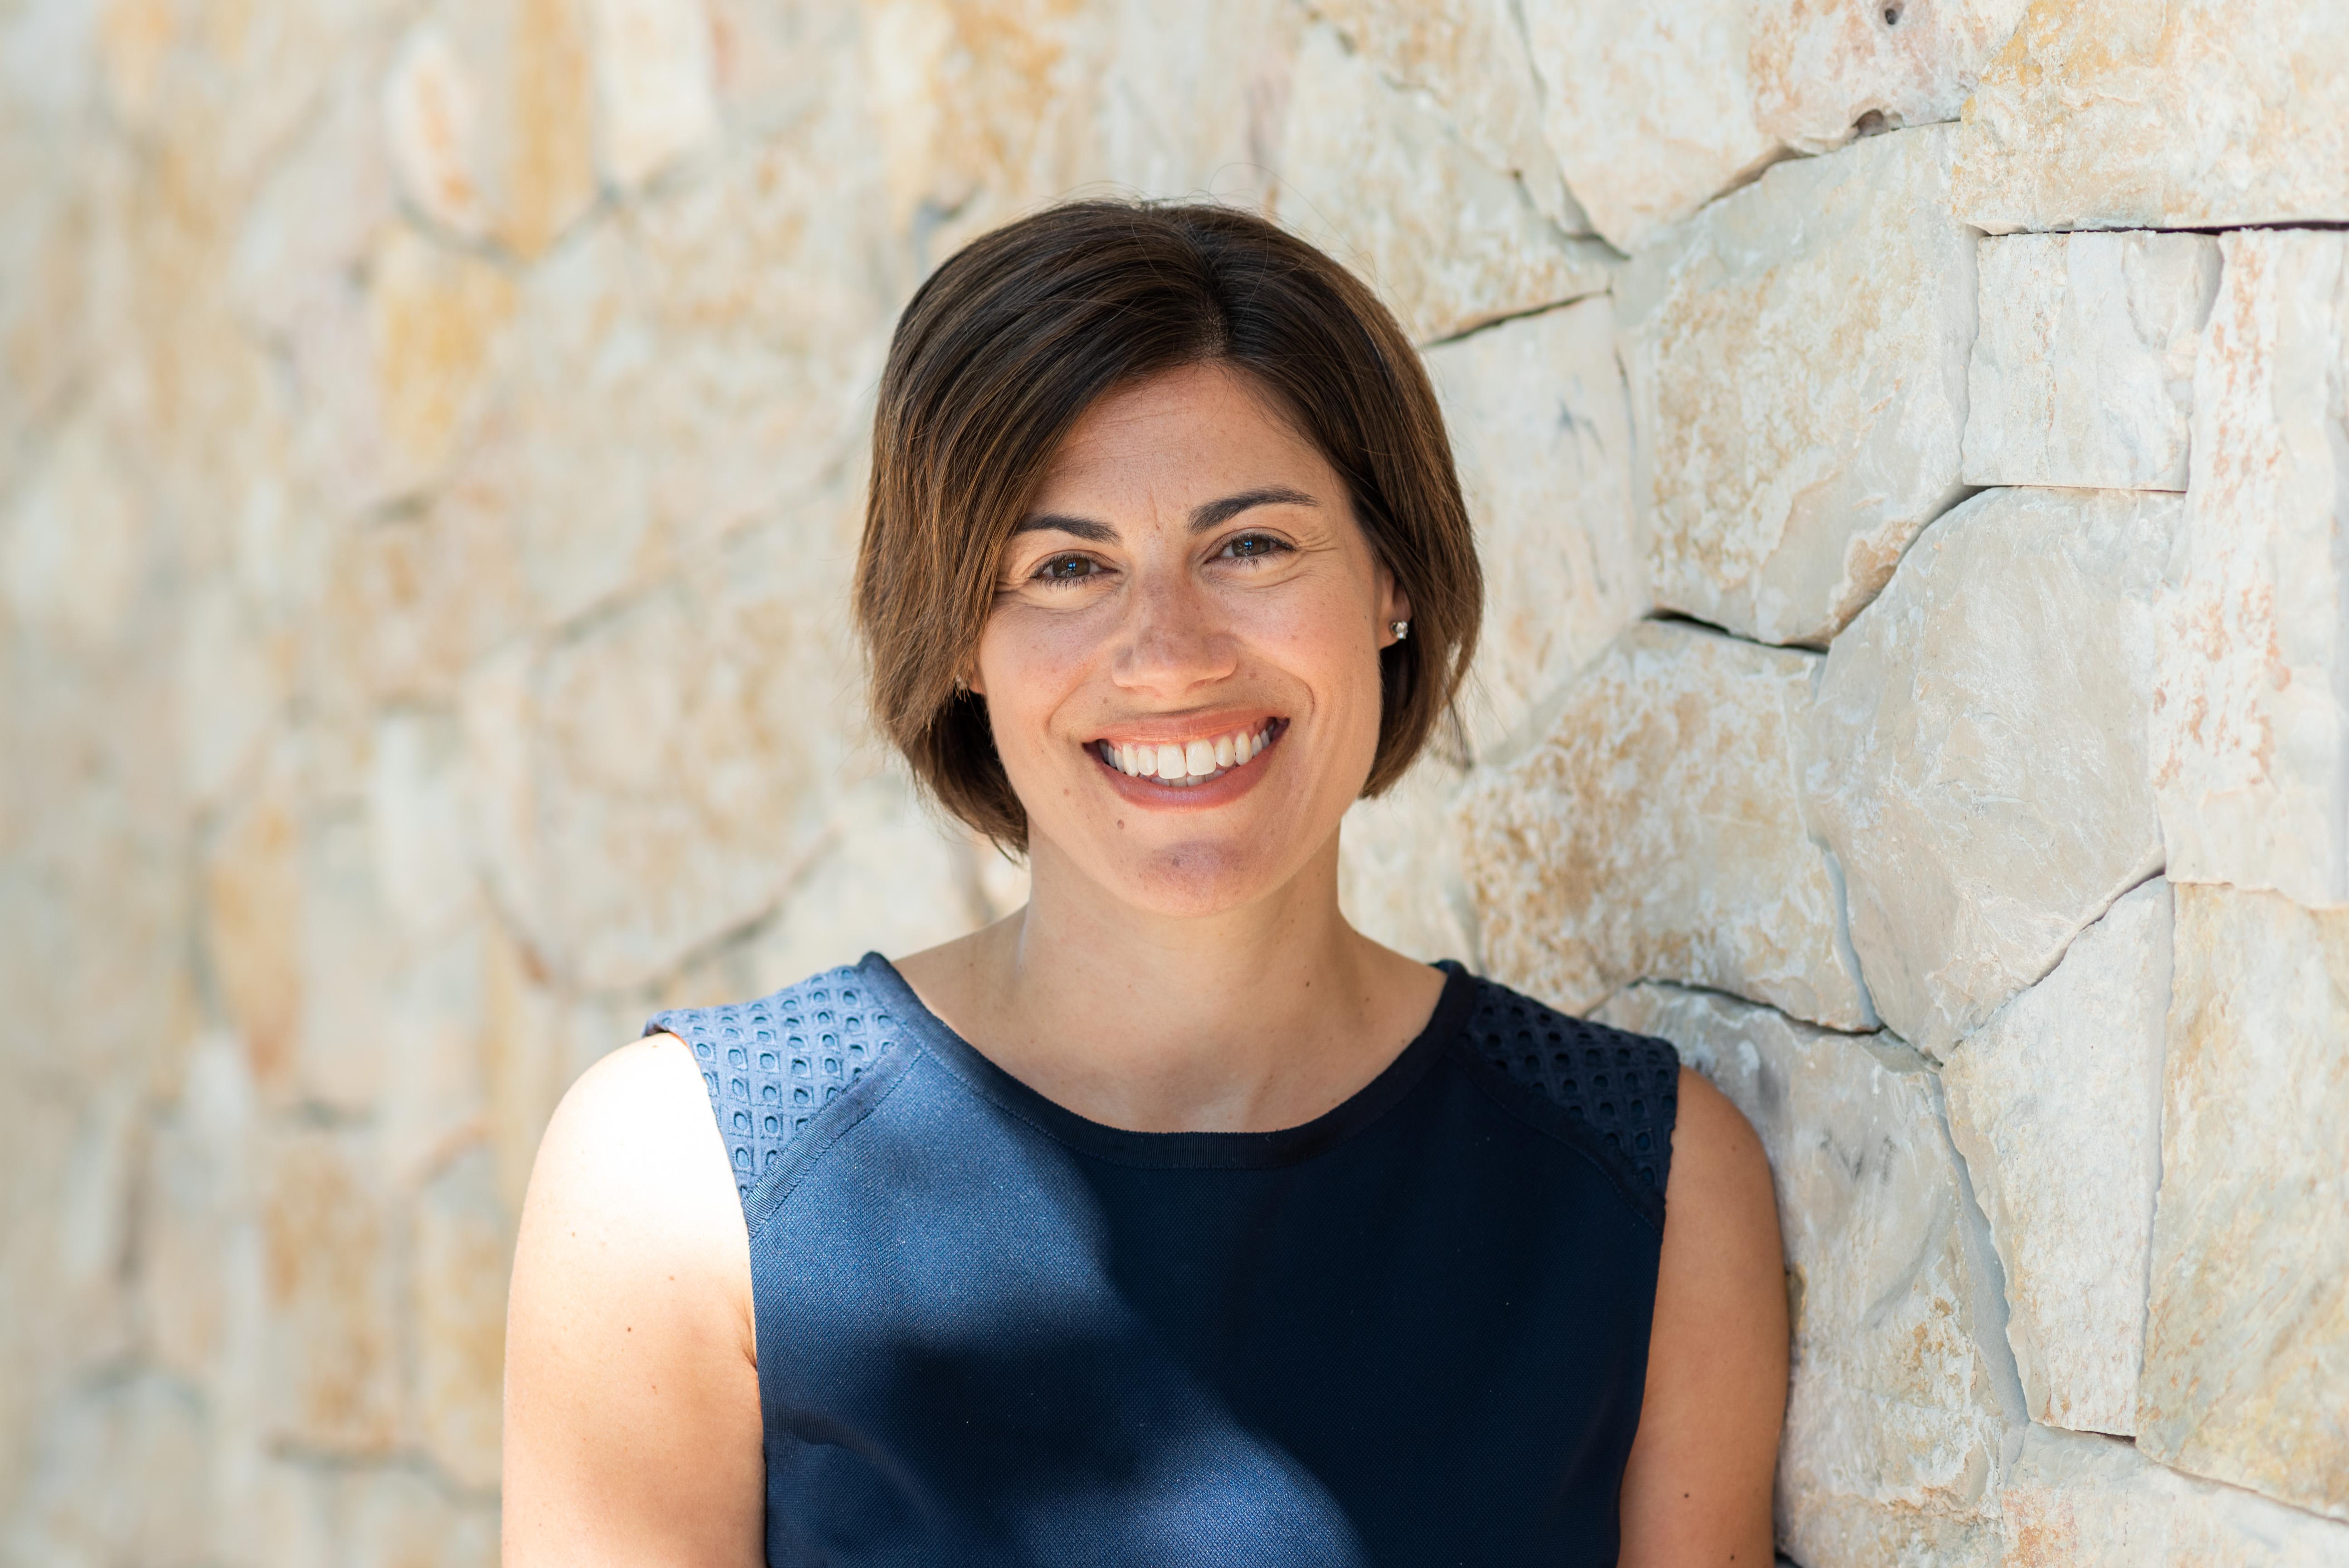 Jess Markowitz